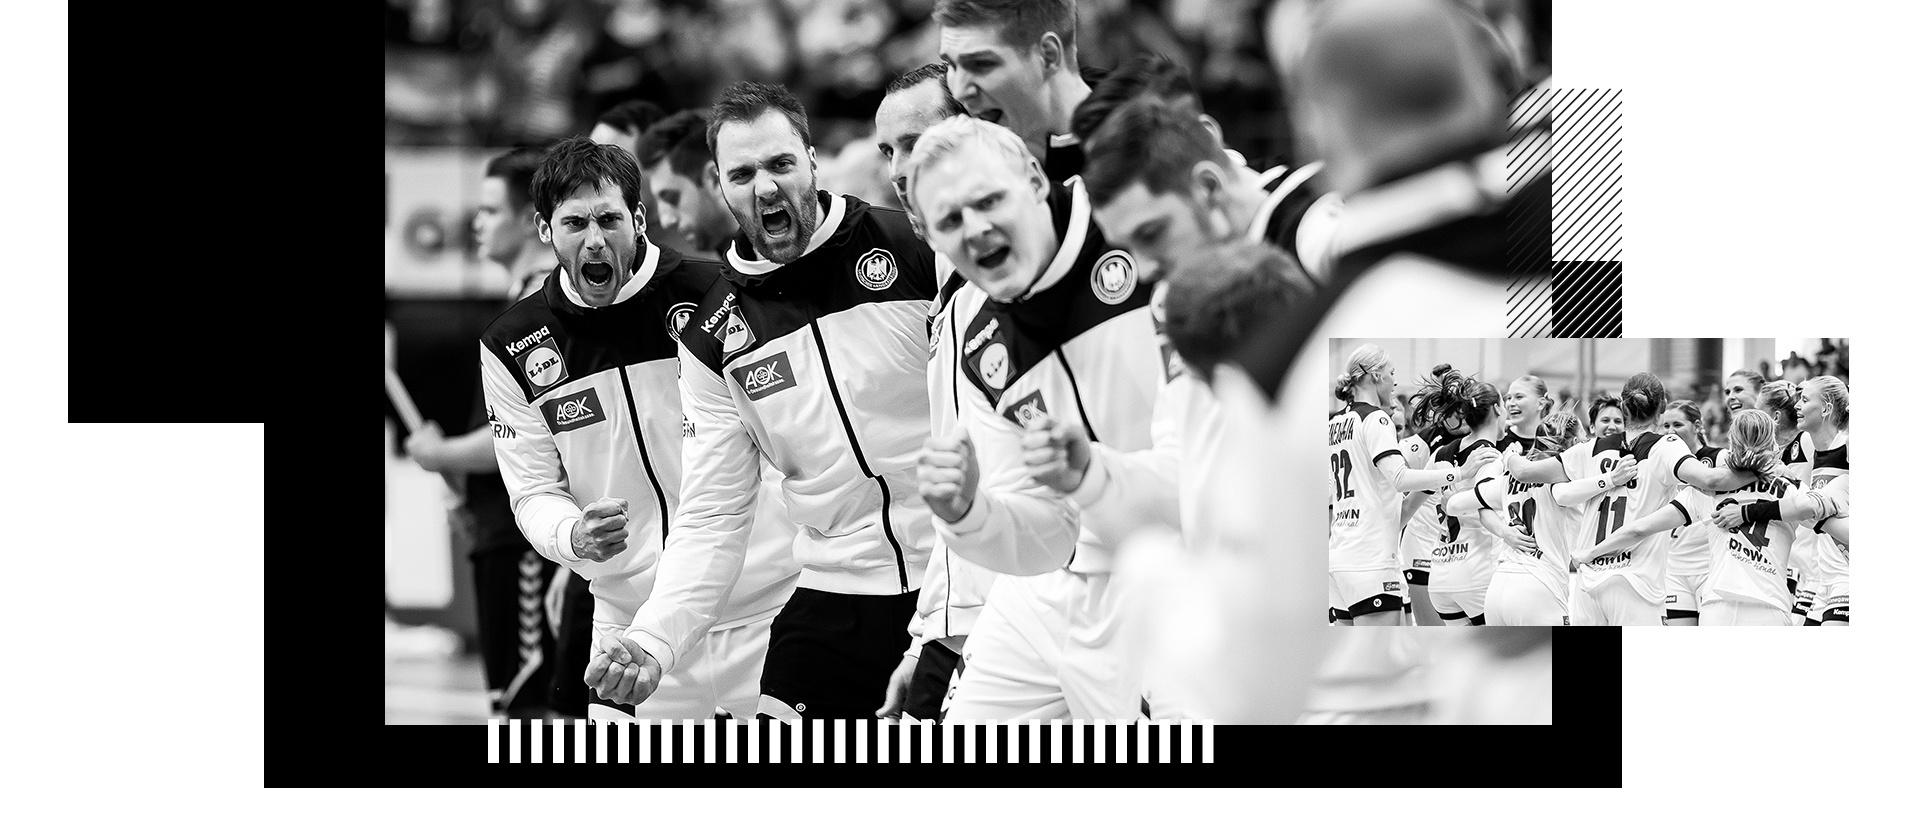 Kempa stattet die deutschen Nationalmannschaften der Herren und der Damen aus